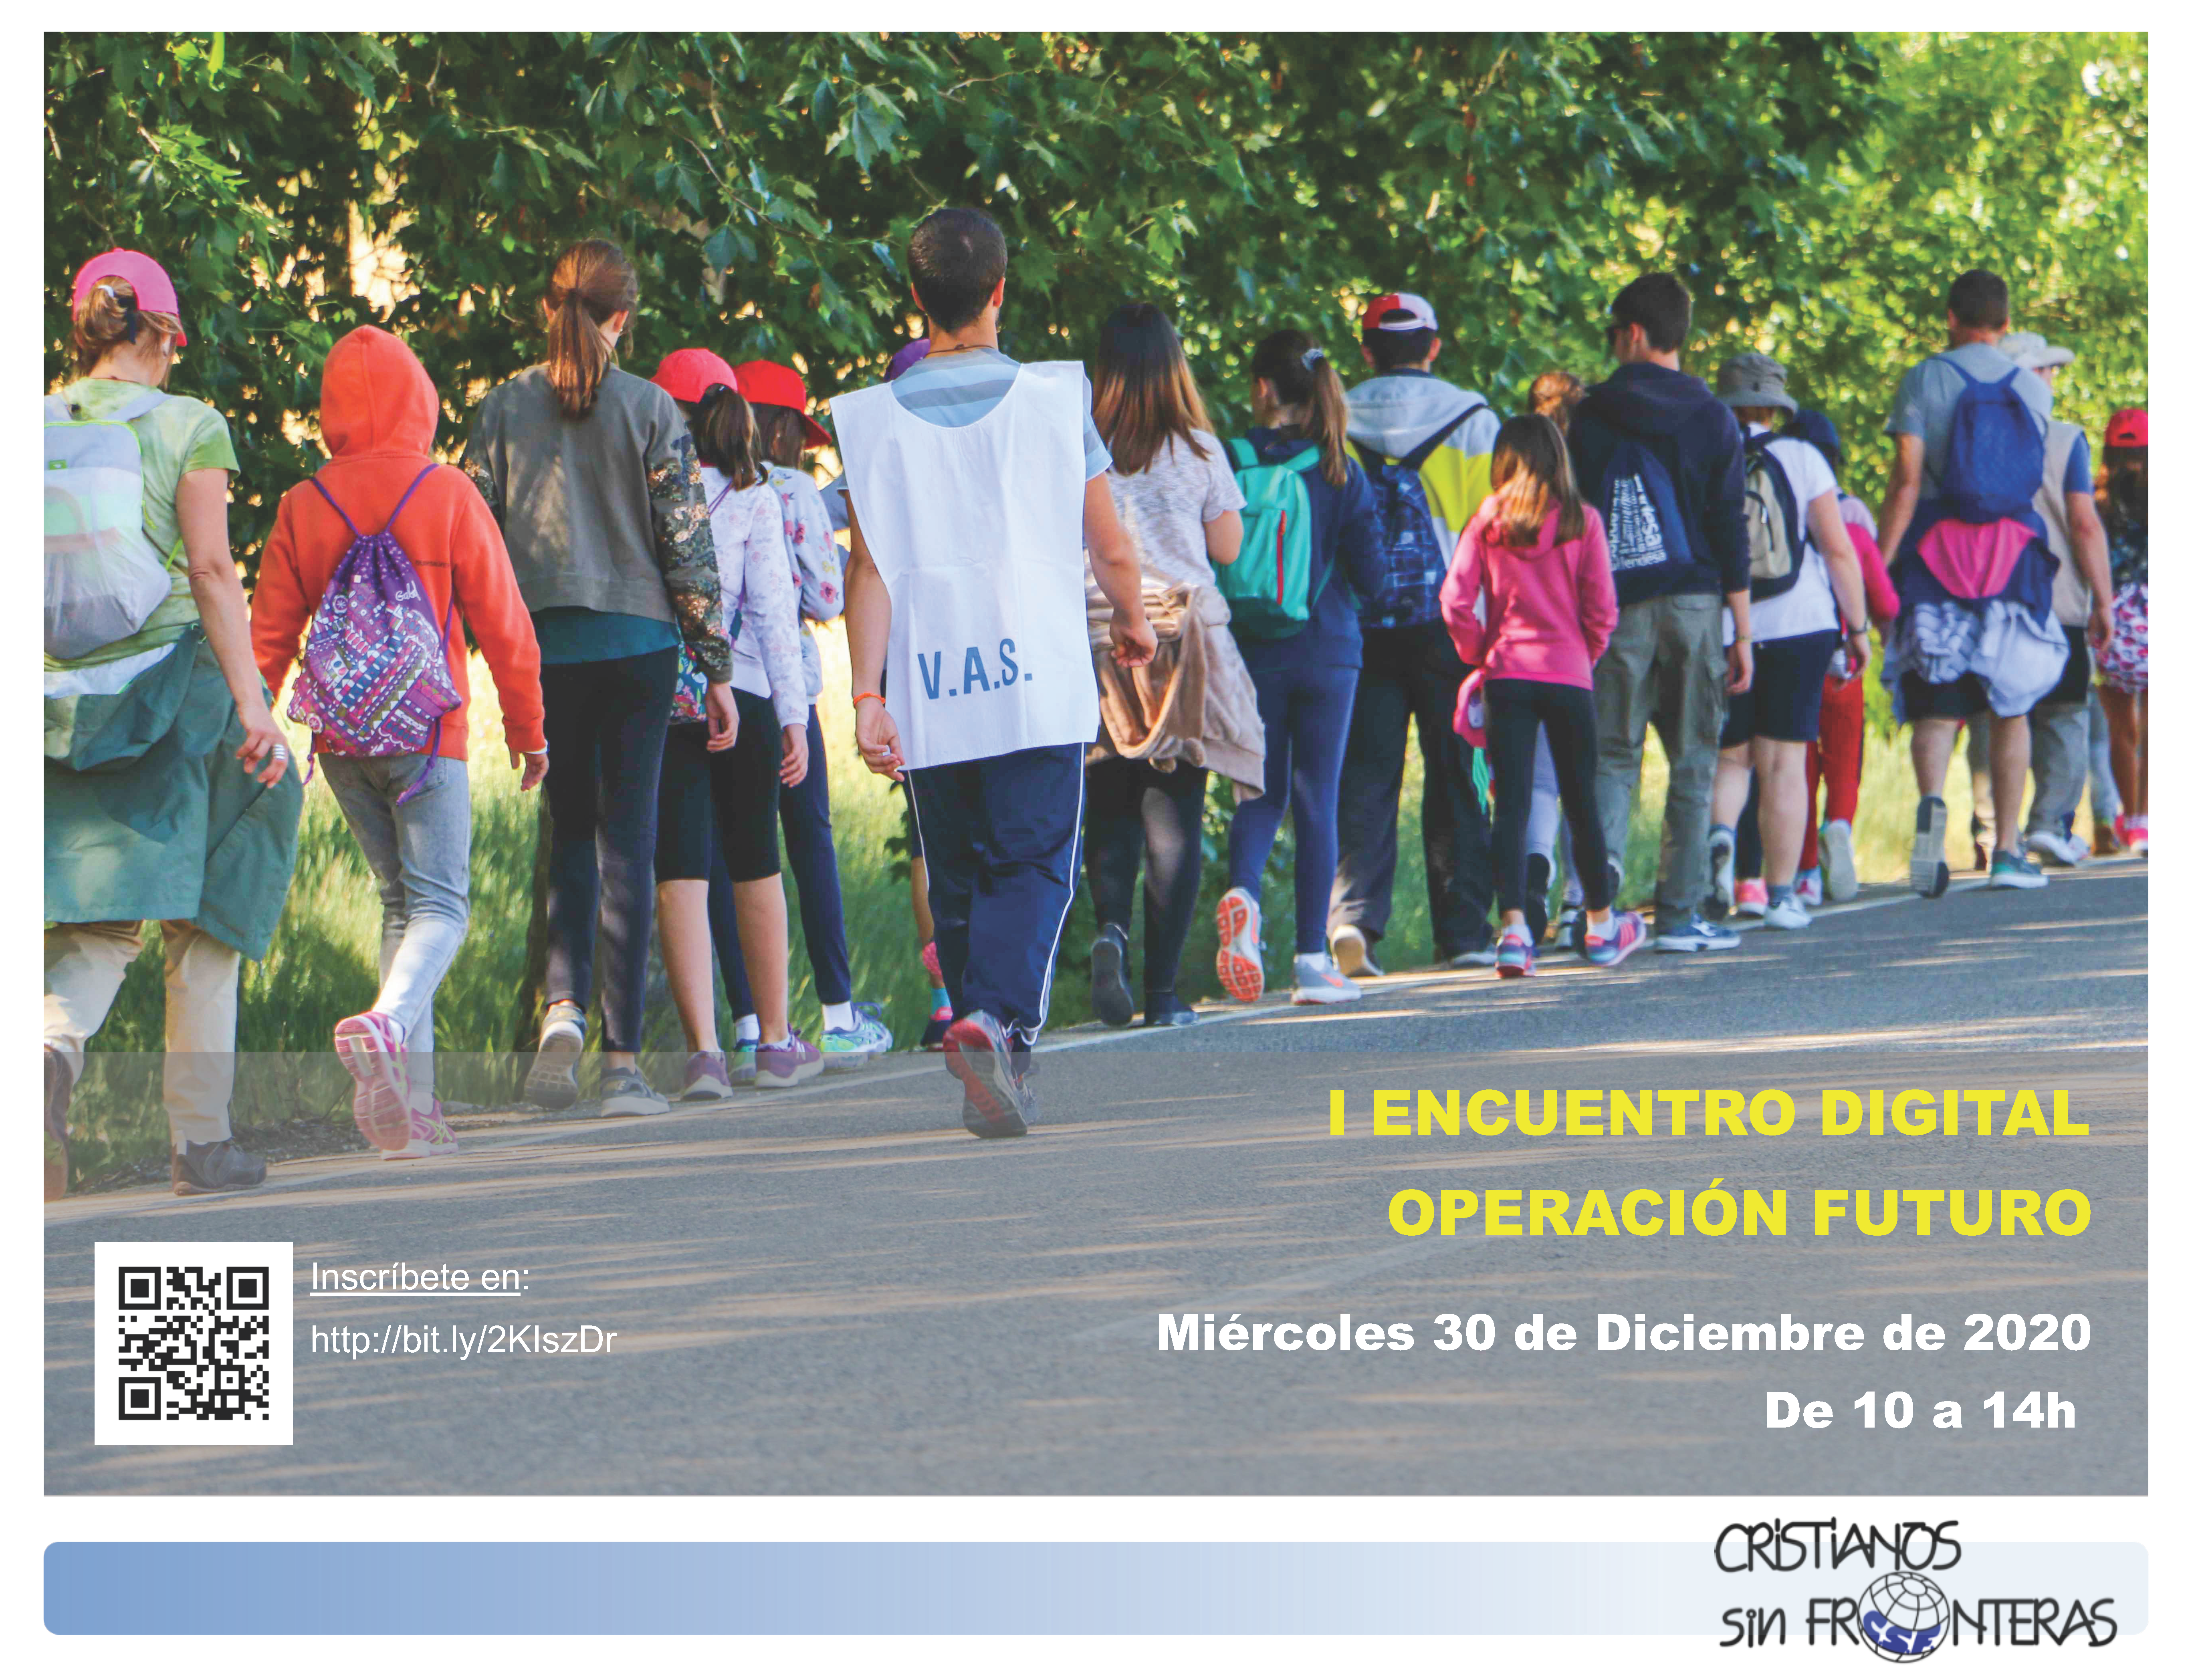 I Encuentro Digital O.F.